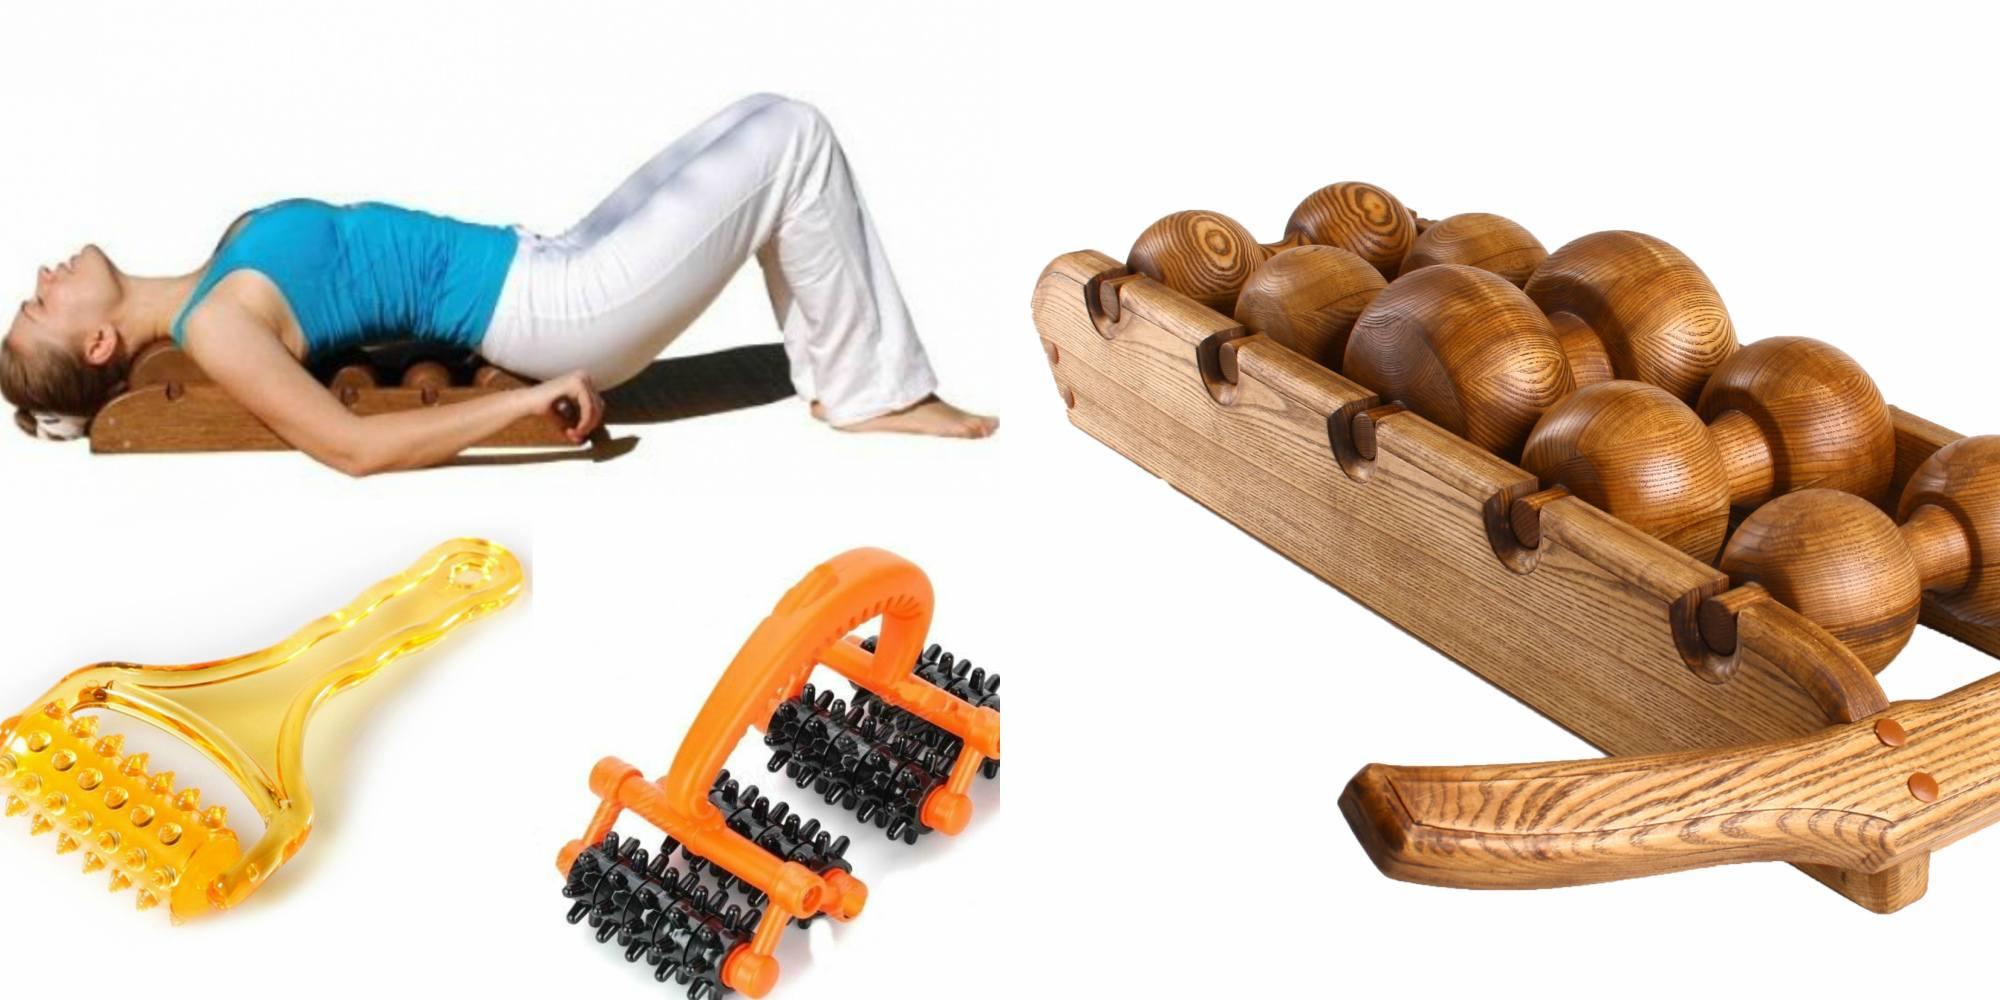 ✅ тренажер drevmass (древмасс) для спины: принцип работы и характеристики, как пользоваться и эффективность, где купить аппарат и цена - докторма.рф